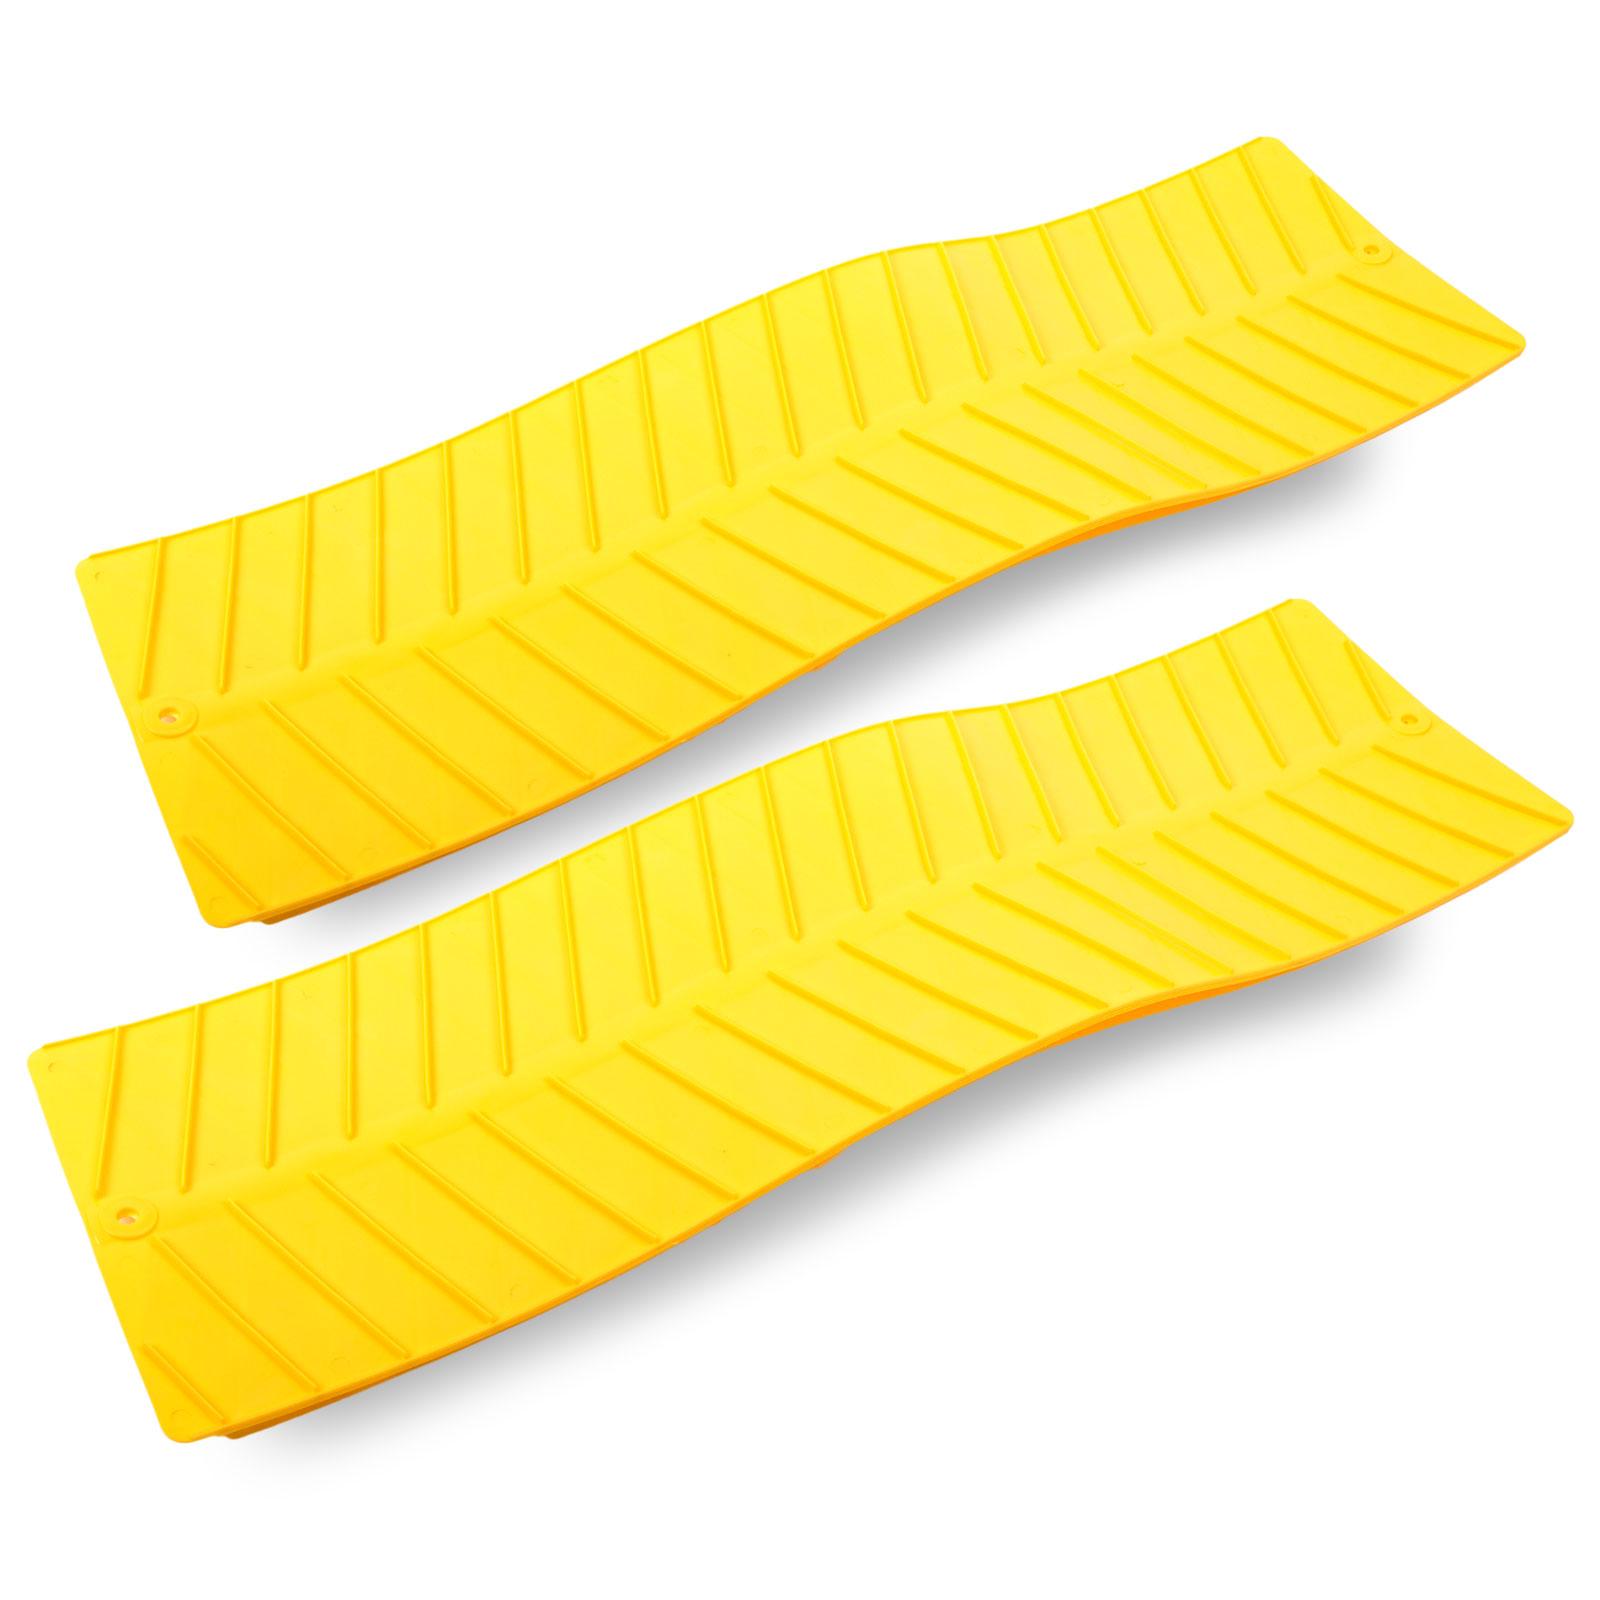 Gripmatte, Anfahrhilfe Set 2 Stück, gelb, 740x225 mm